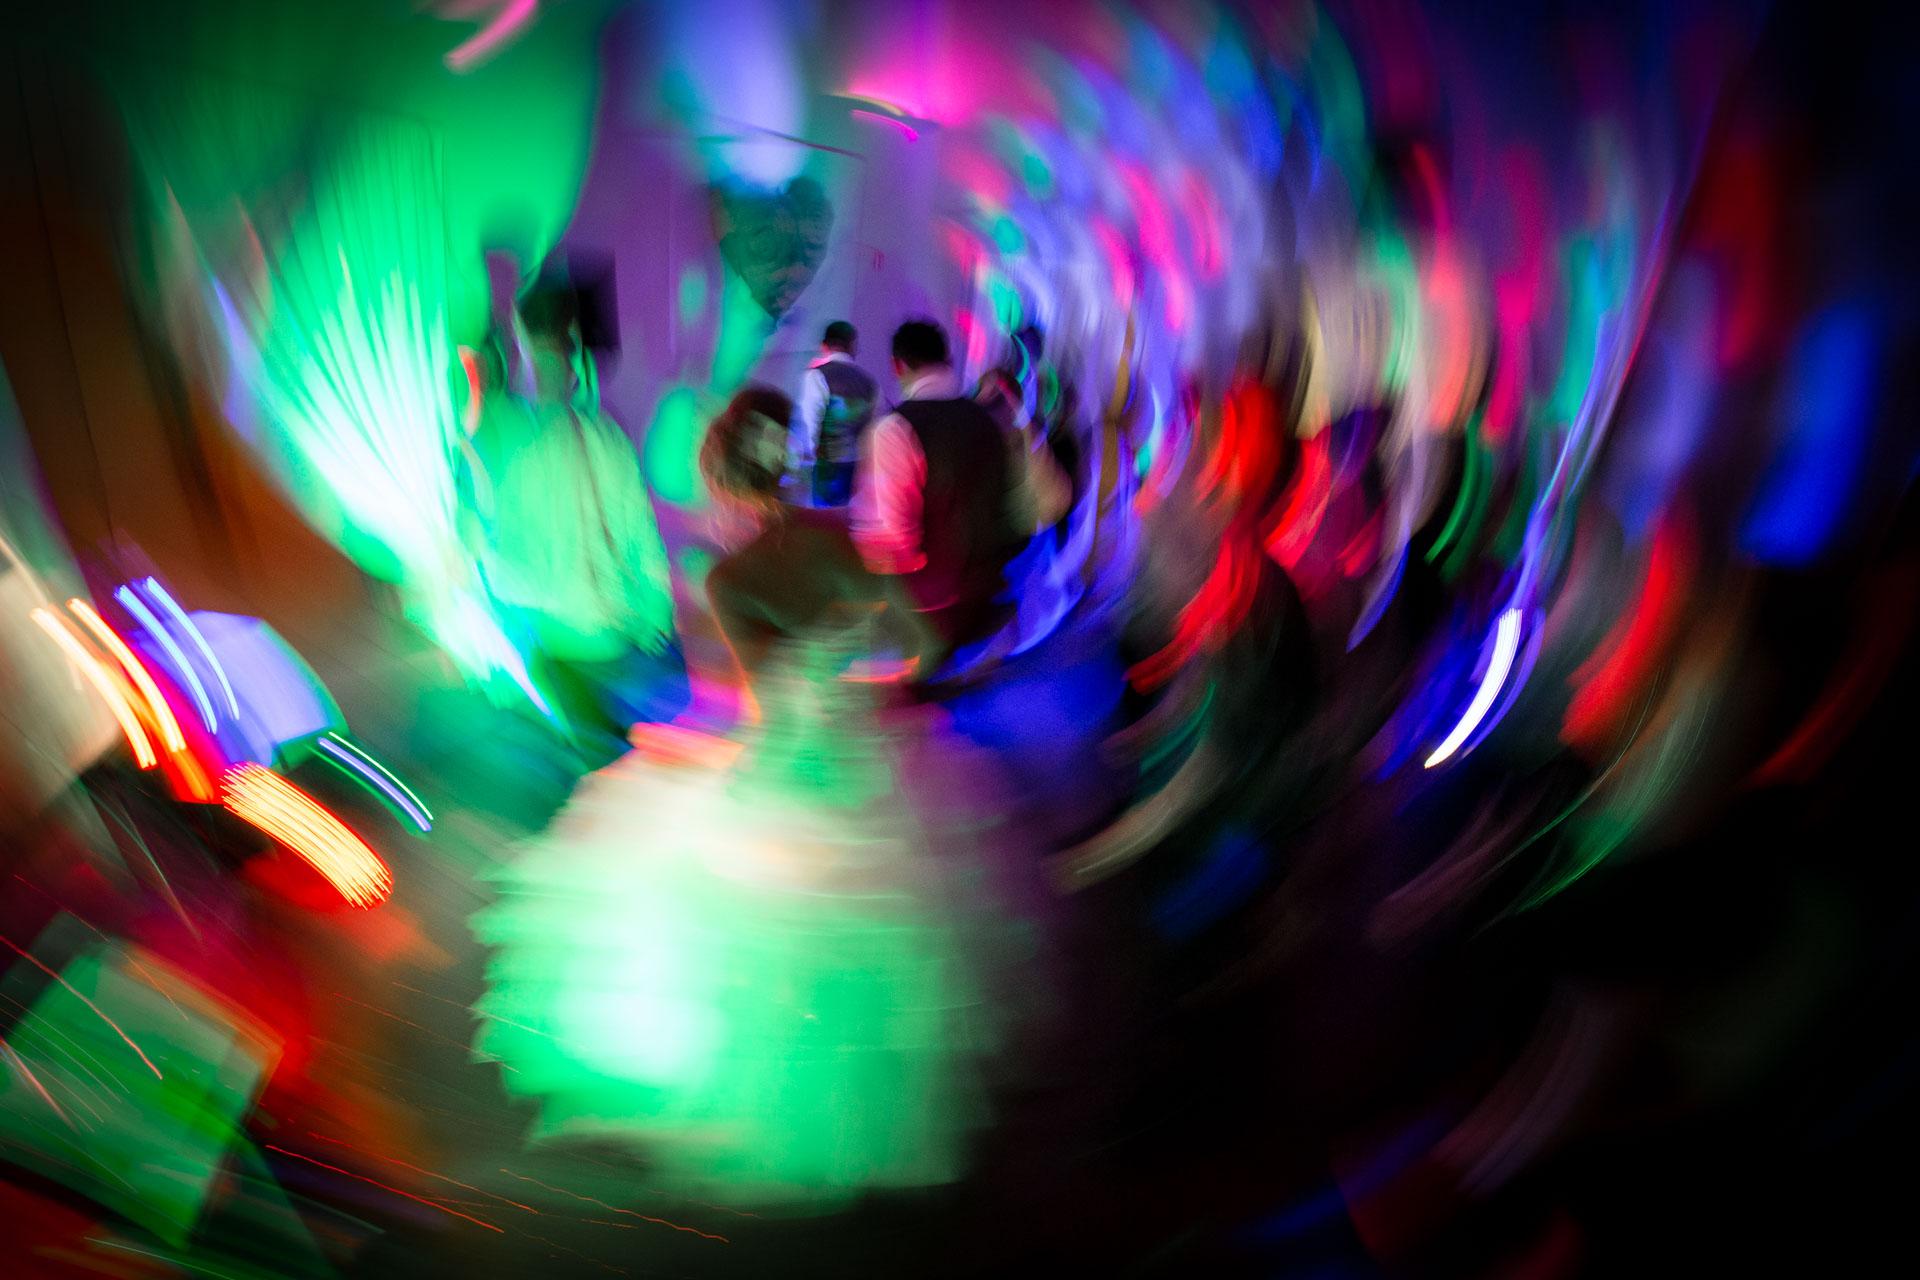 effet flou tournant second rideau avec lumiere de DJ